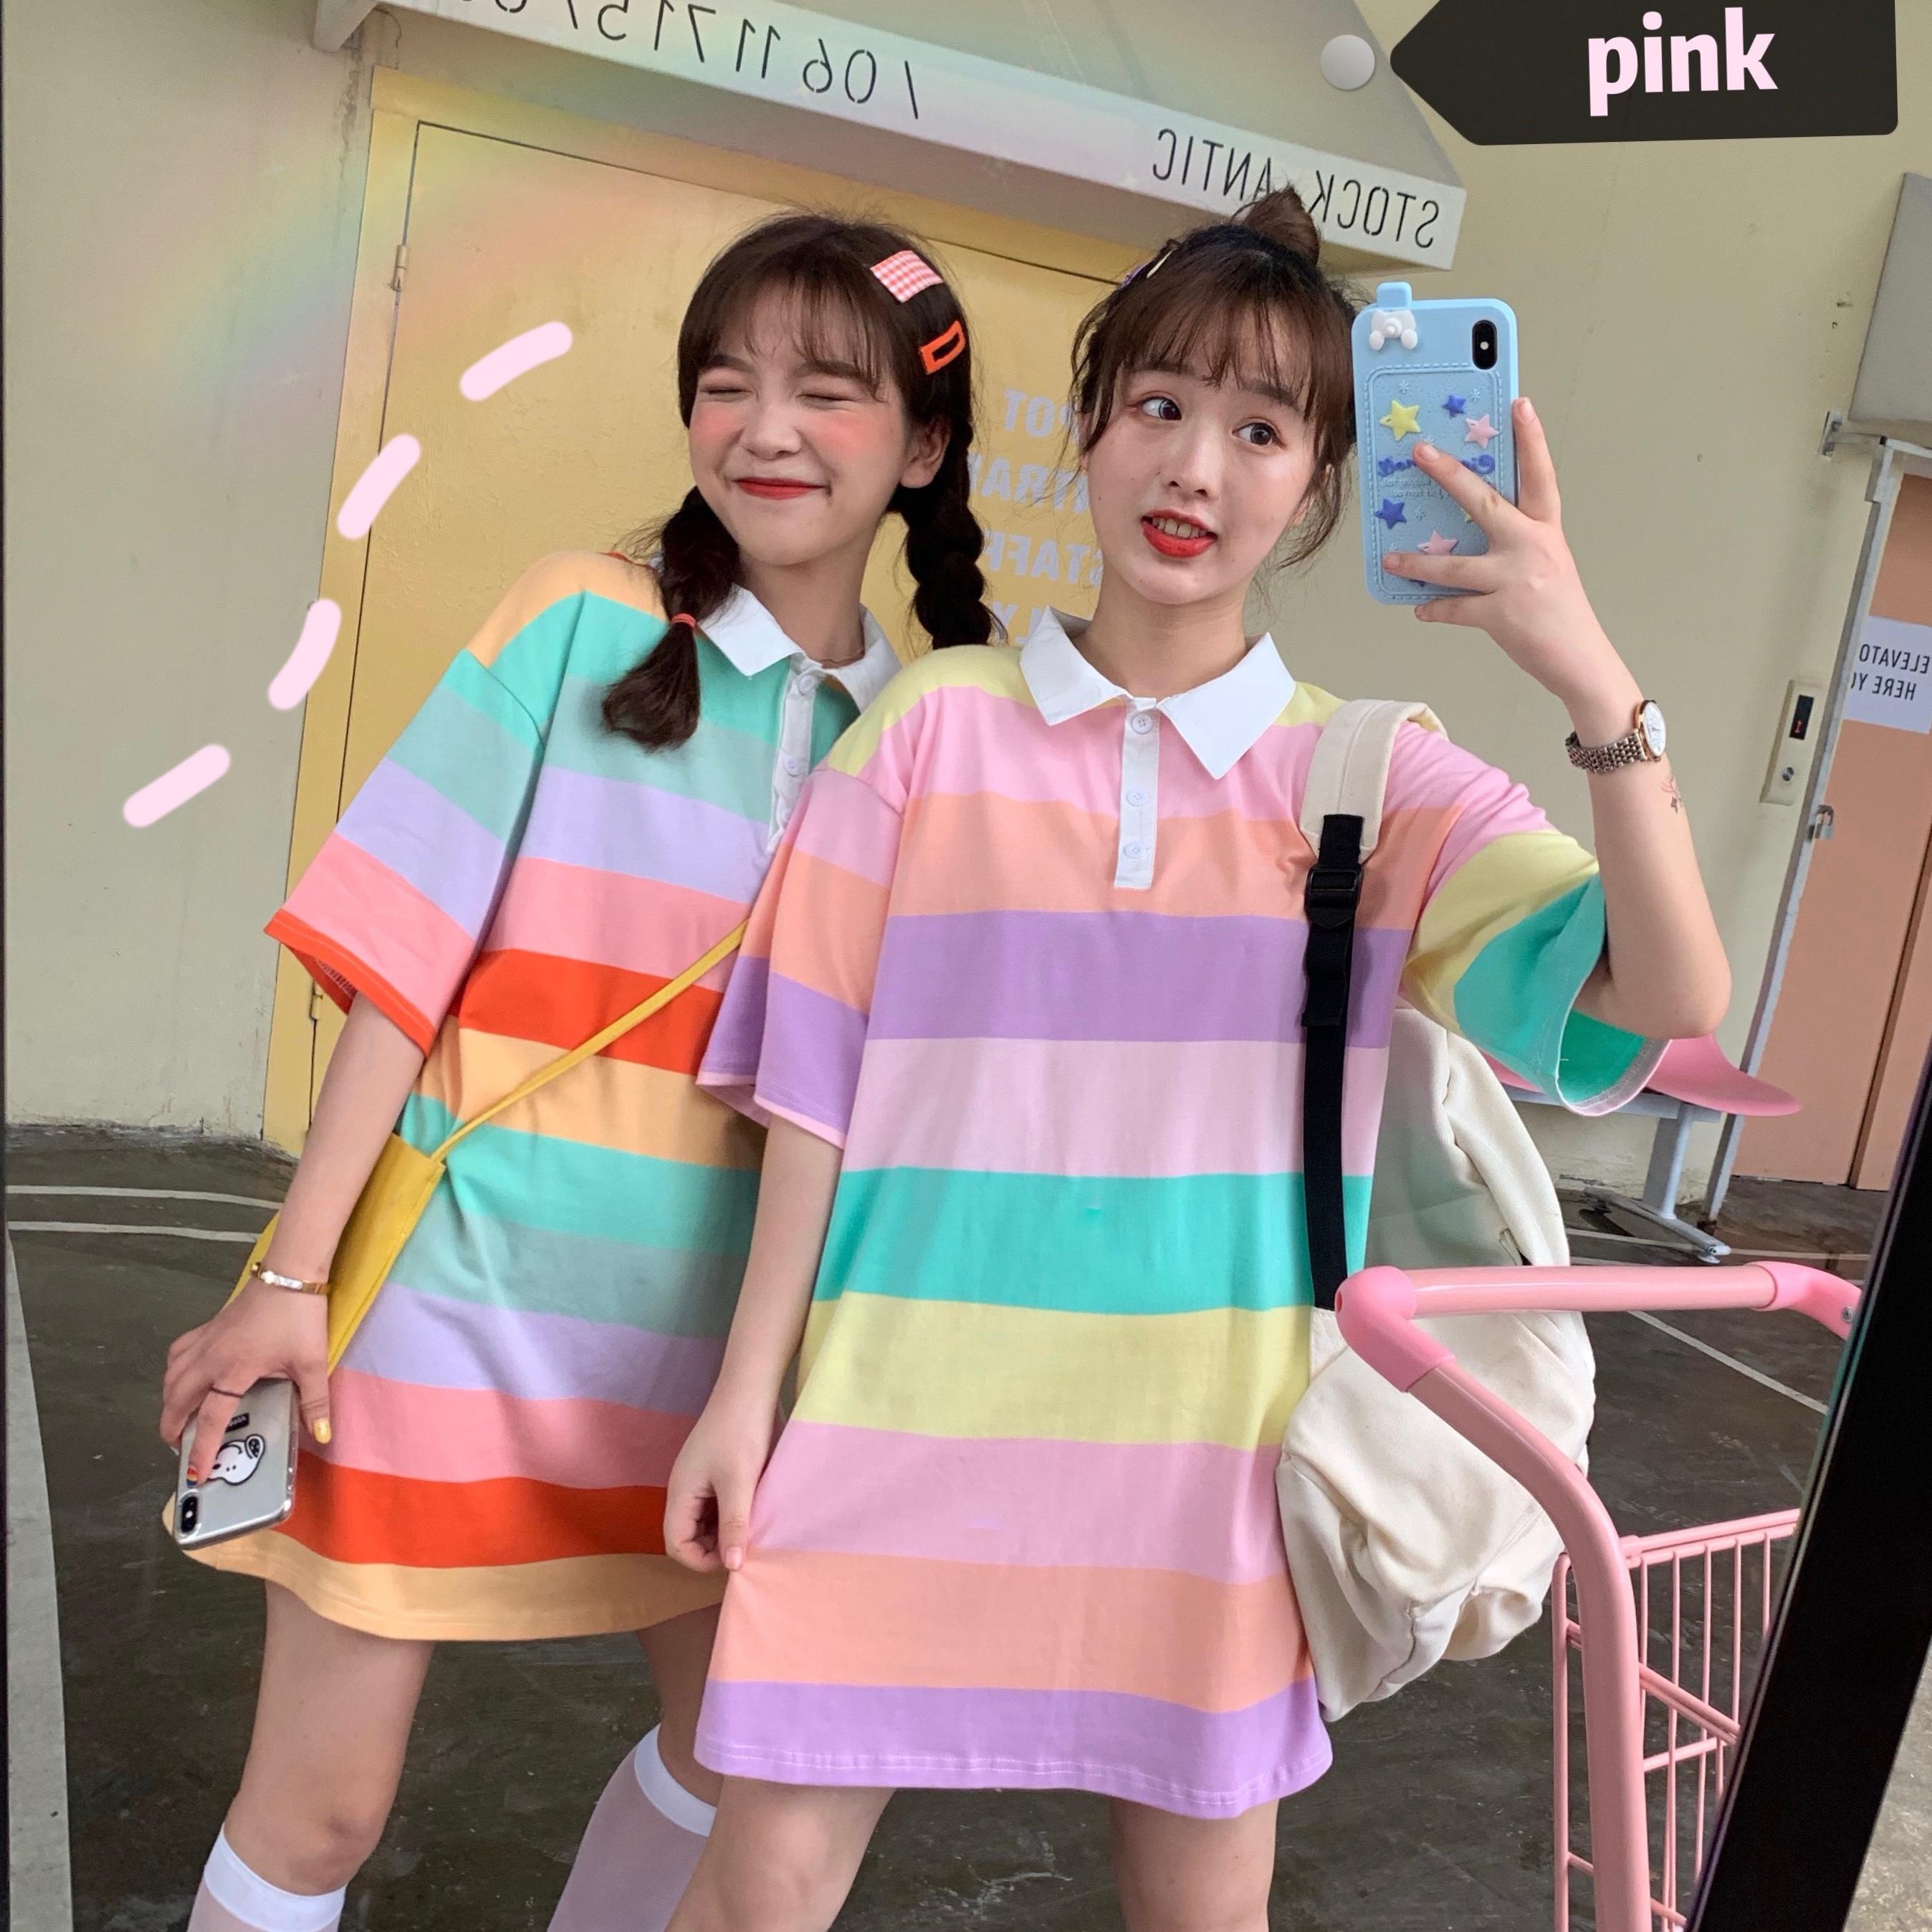 此款售价不得低于30元新款韩版学生彩条POLO领短袖T恤女